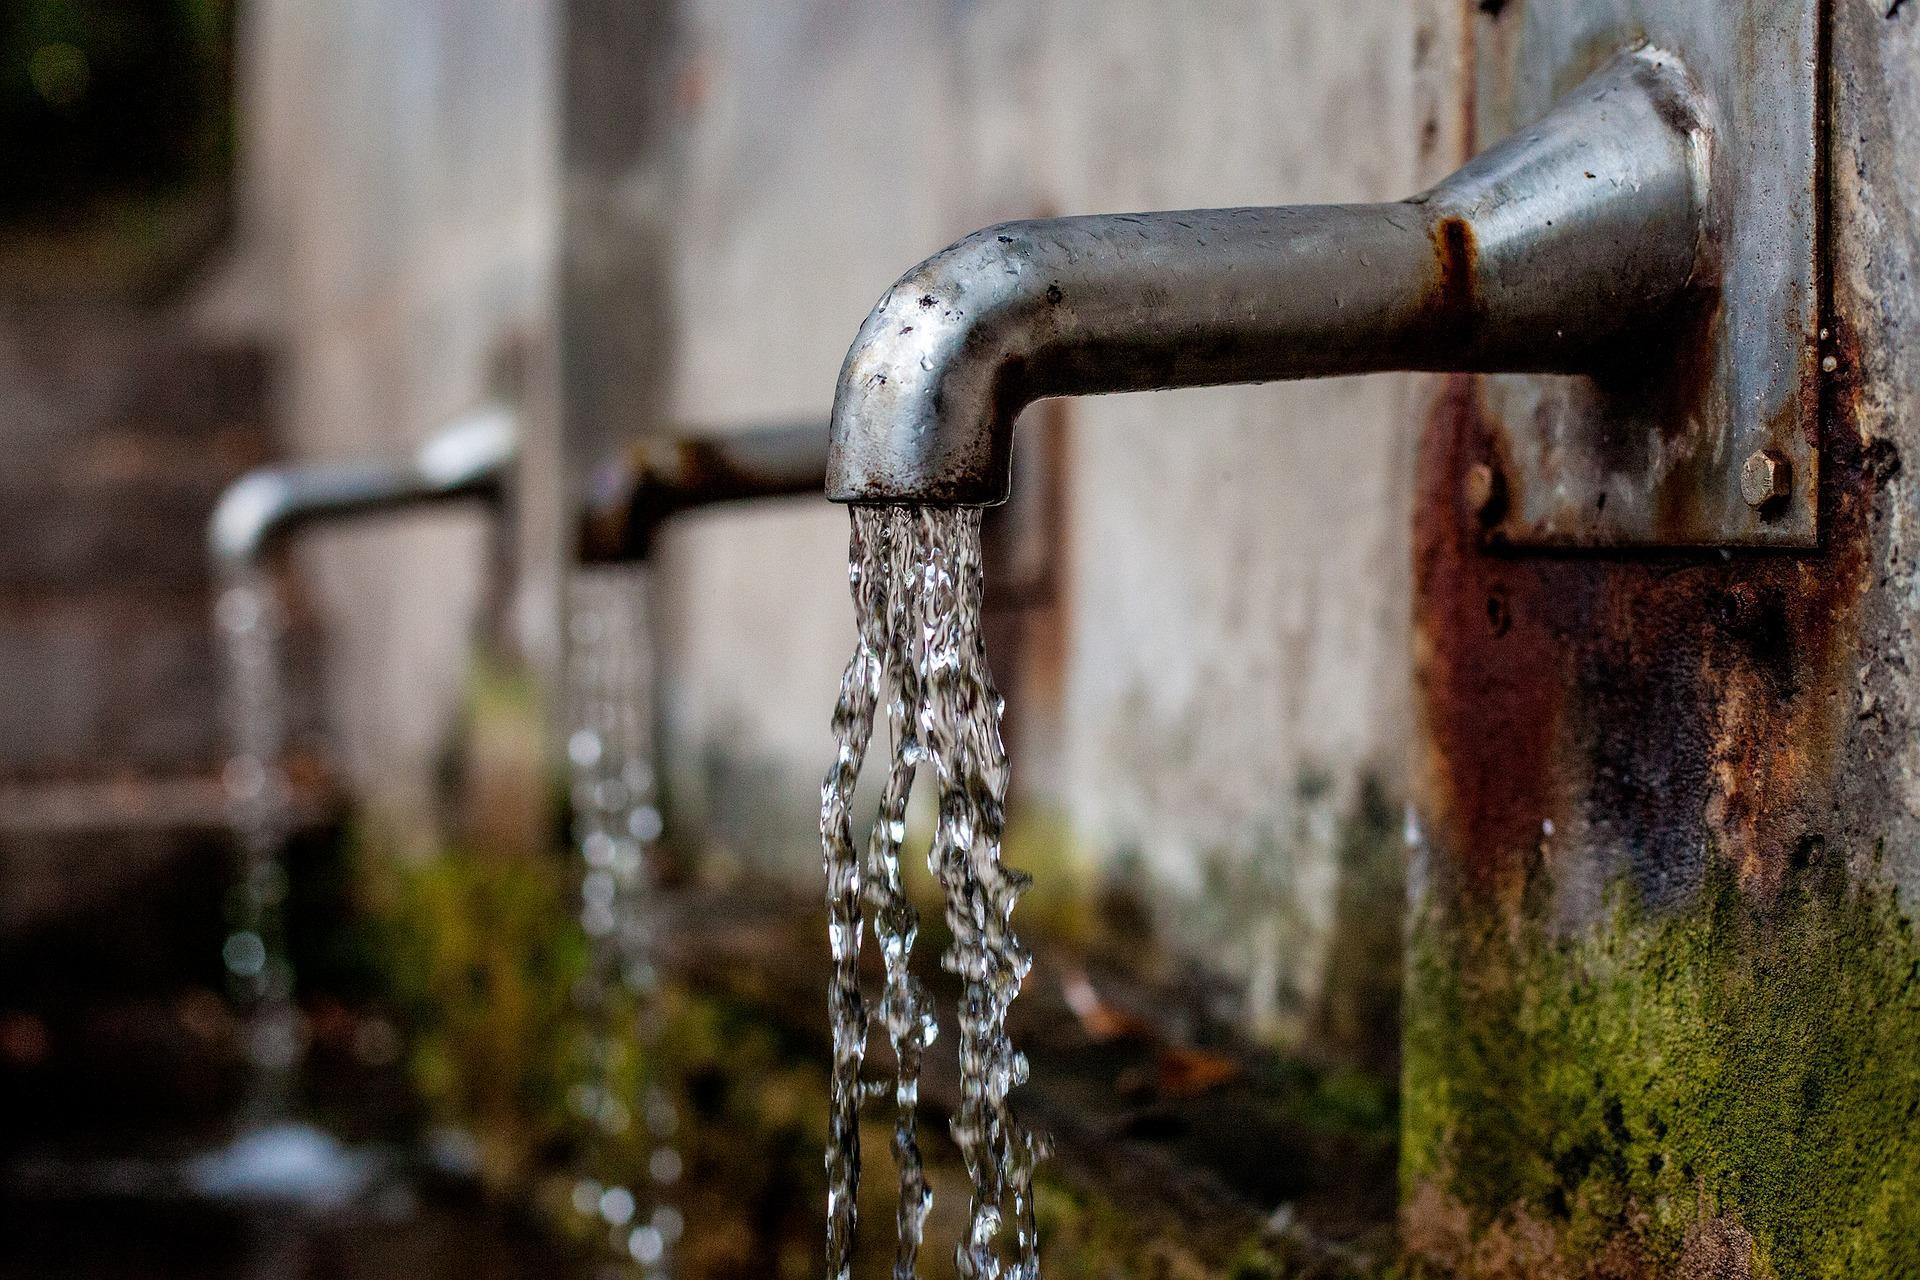 faucet-1684902_1920-1497904132822.jpg